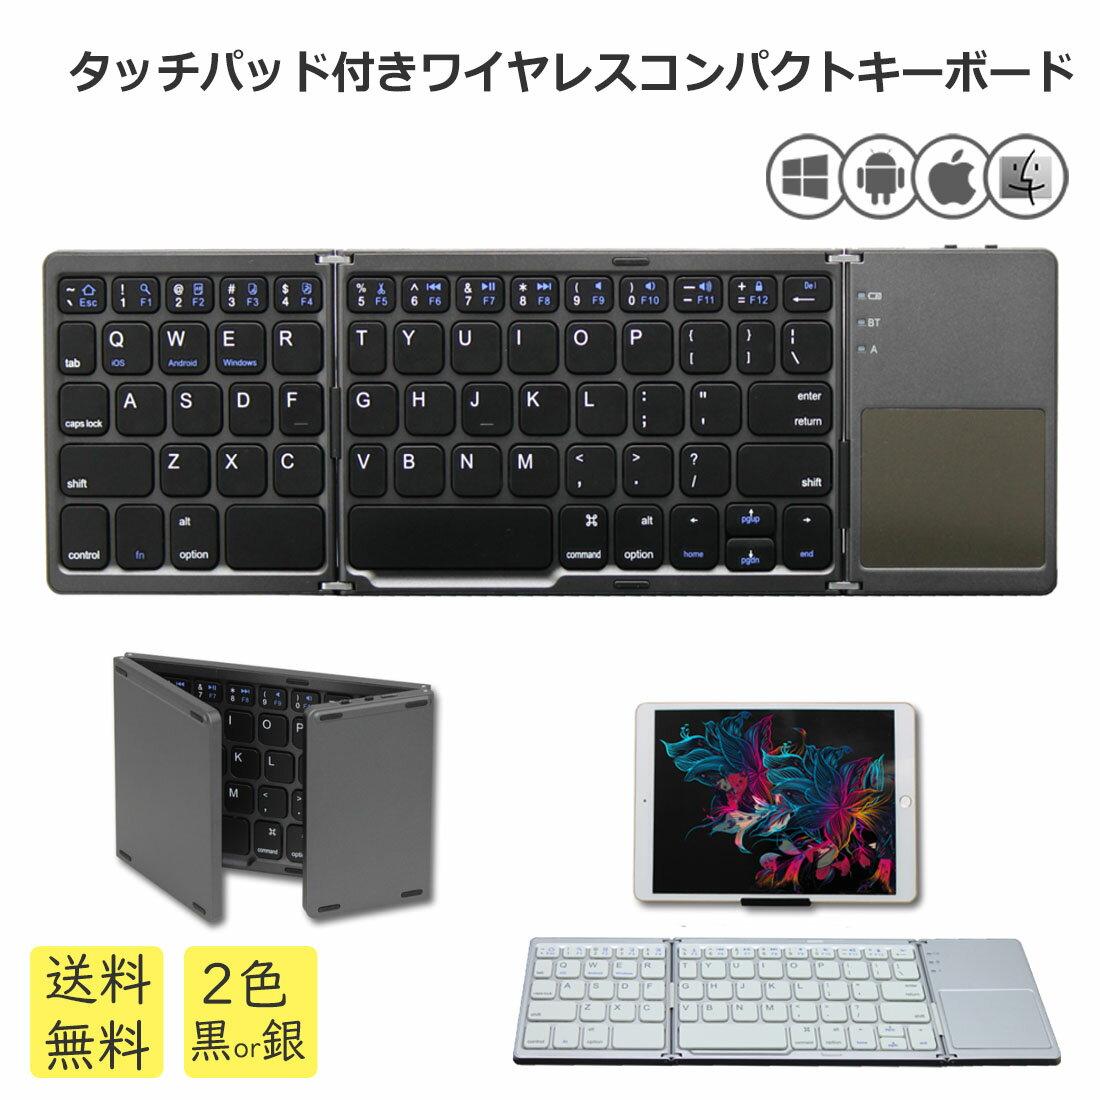 (タッチパッド付きワイヤレスキーボード+スマホスタンド) Windows Android iOS Mac対応 スマホスタンド付きBluetooth keboard コンパクト折りたたみ ミニキーボード